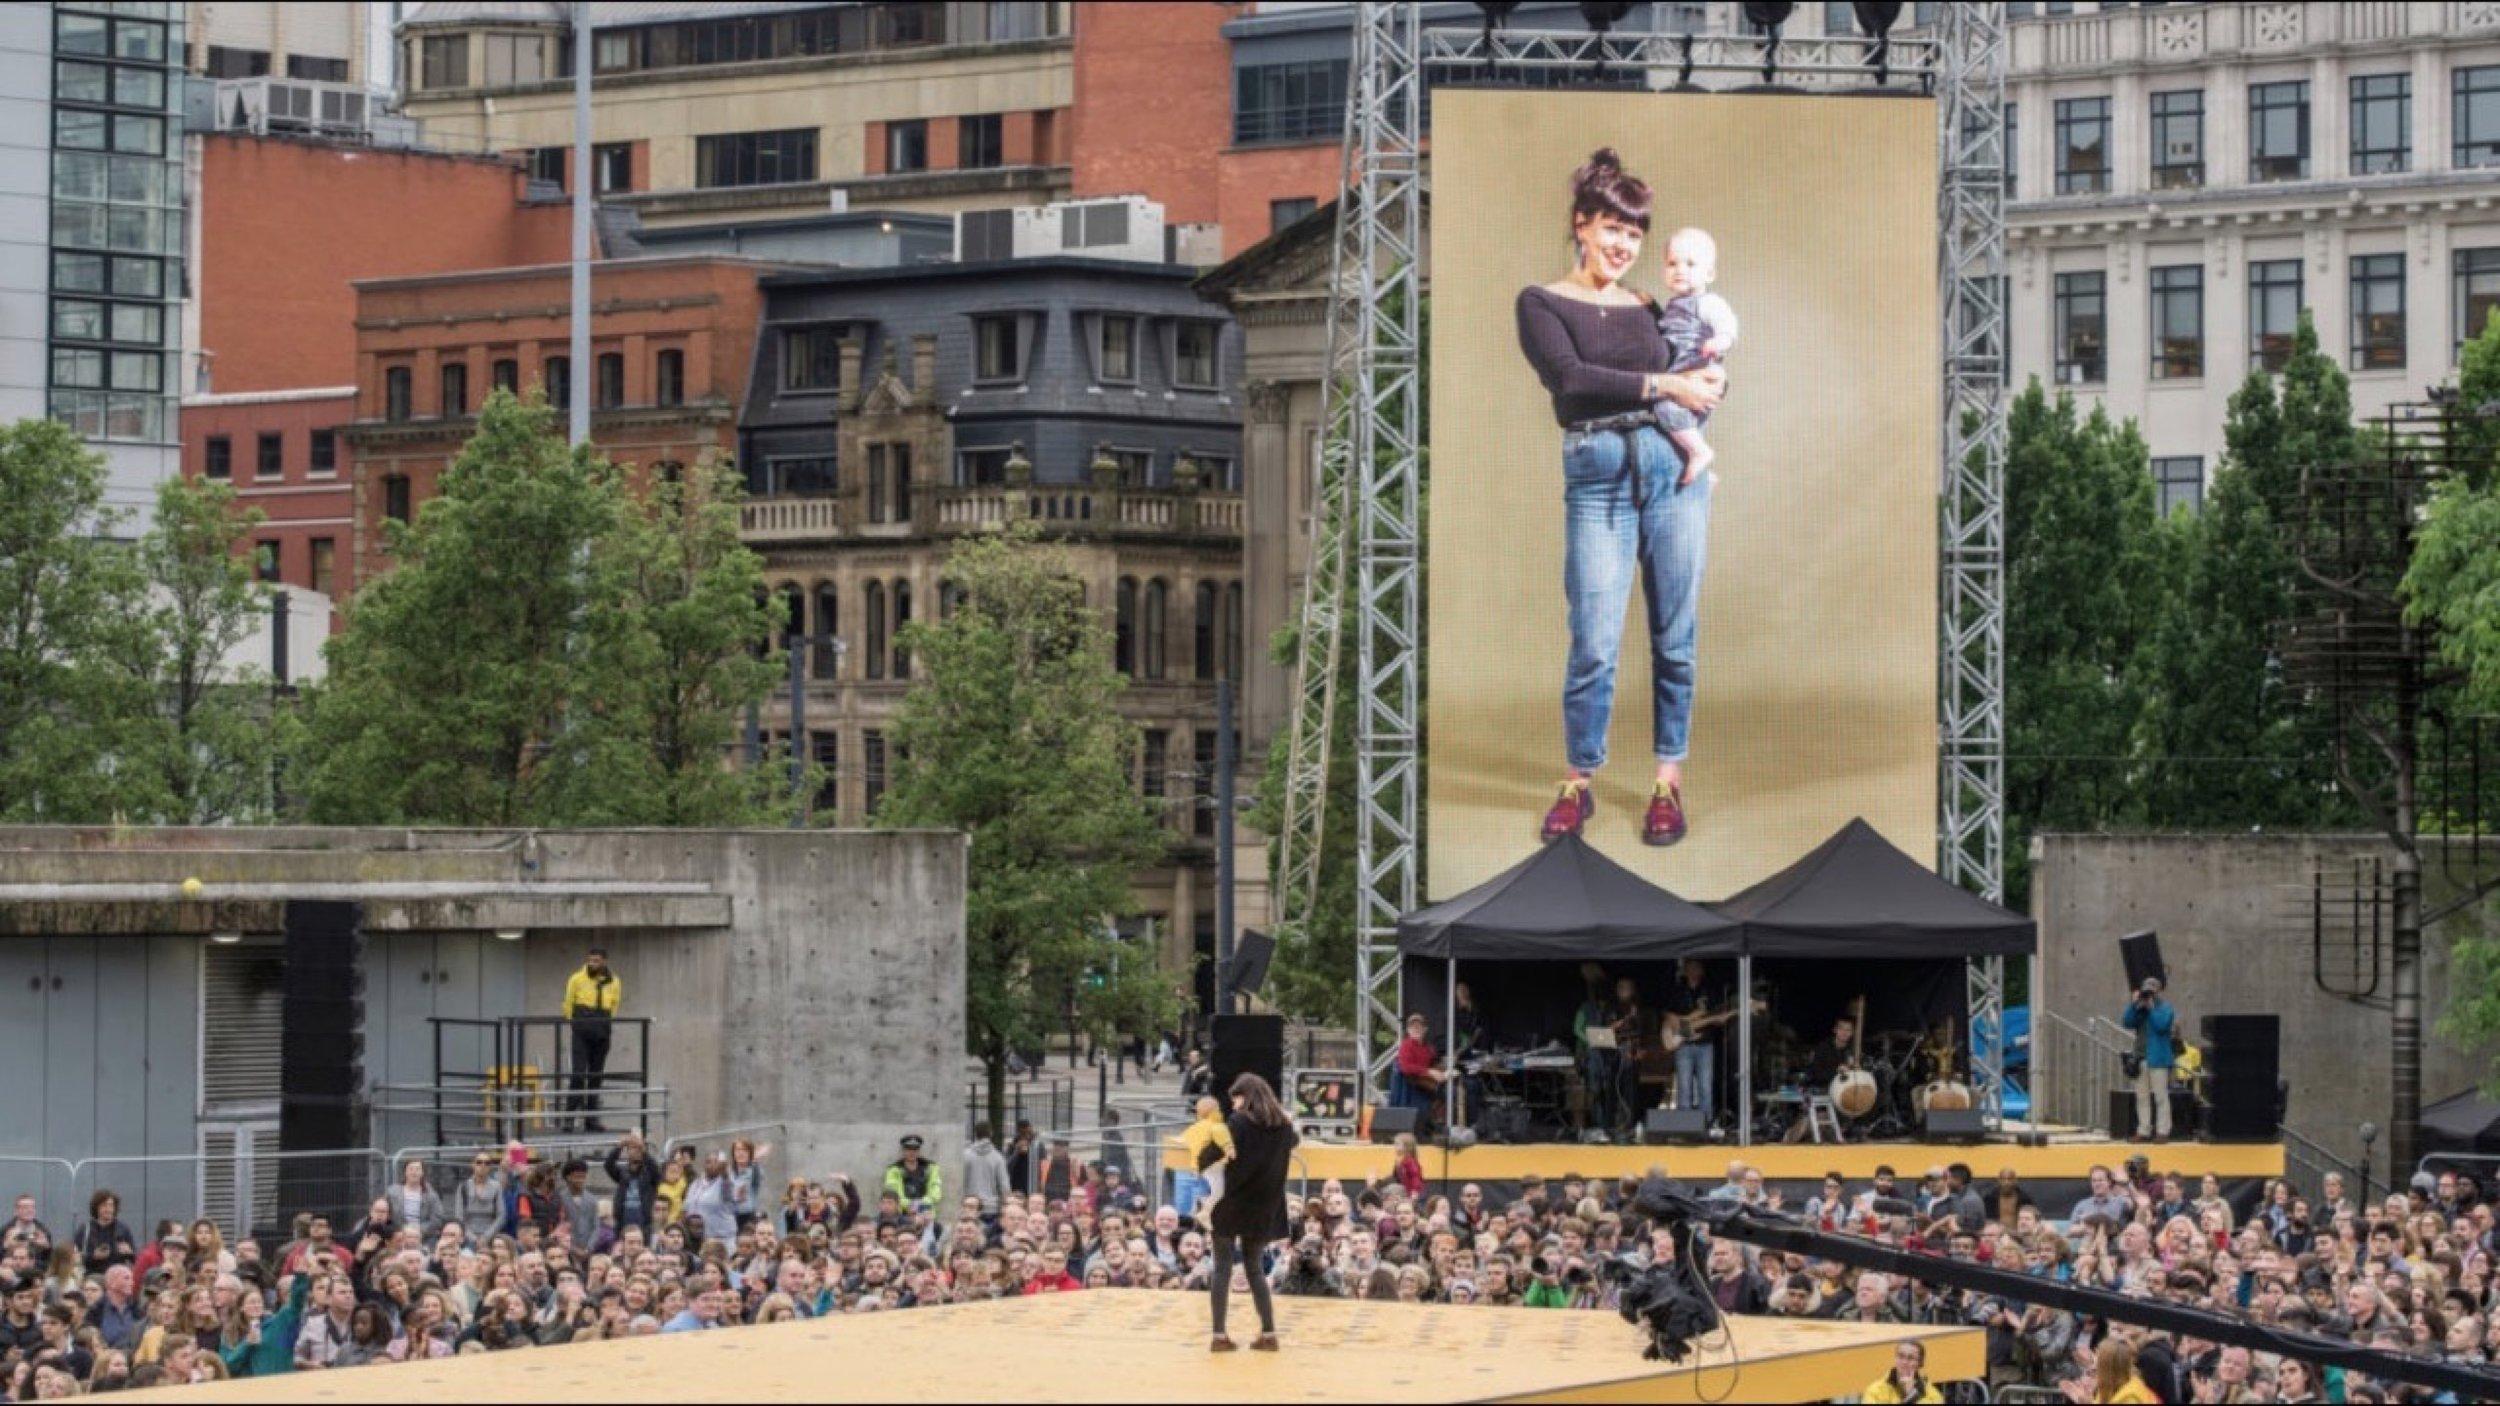 News_170630_ManchesterInternationalFestival2017_0000s_0003s_0000_MIFCatwalkEvent20170629_9042.jpg